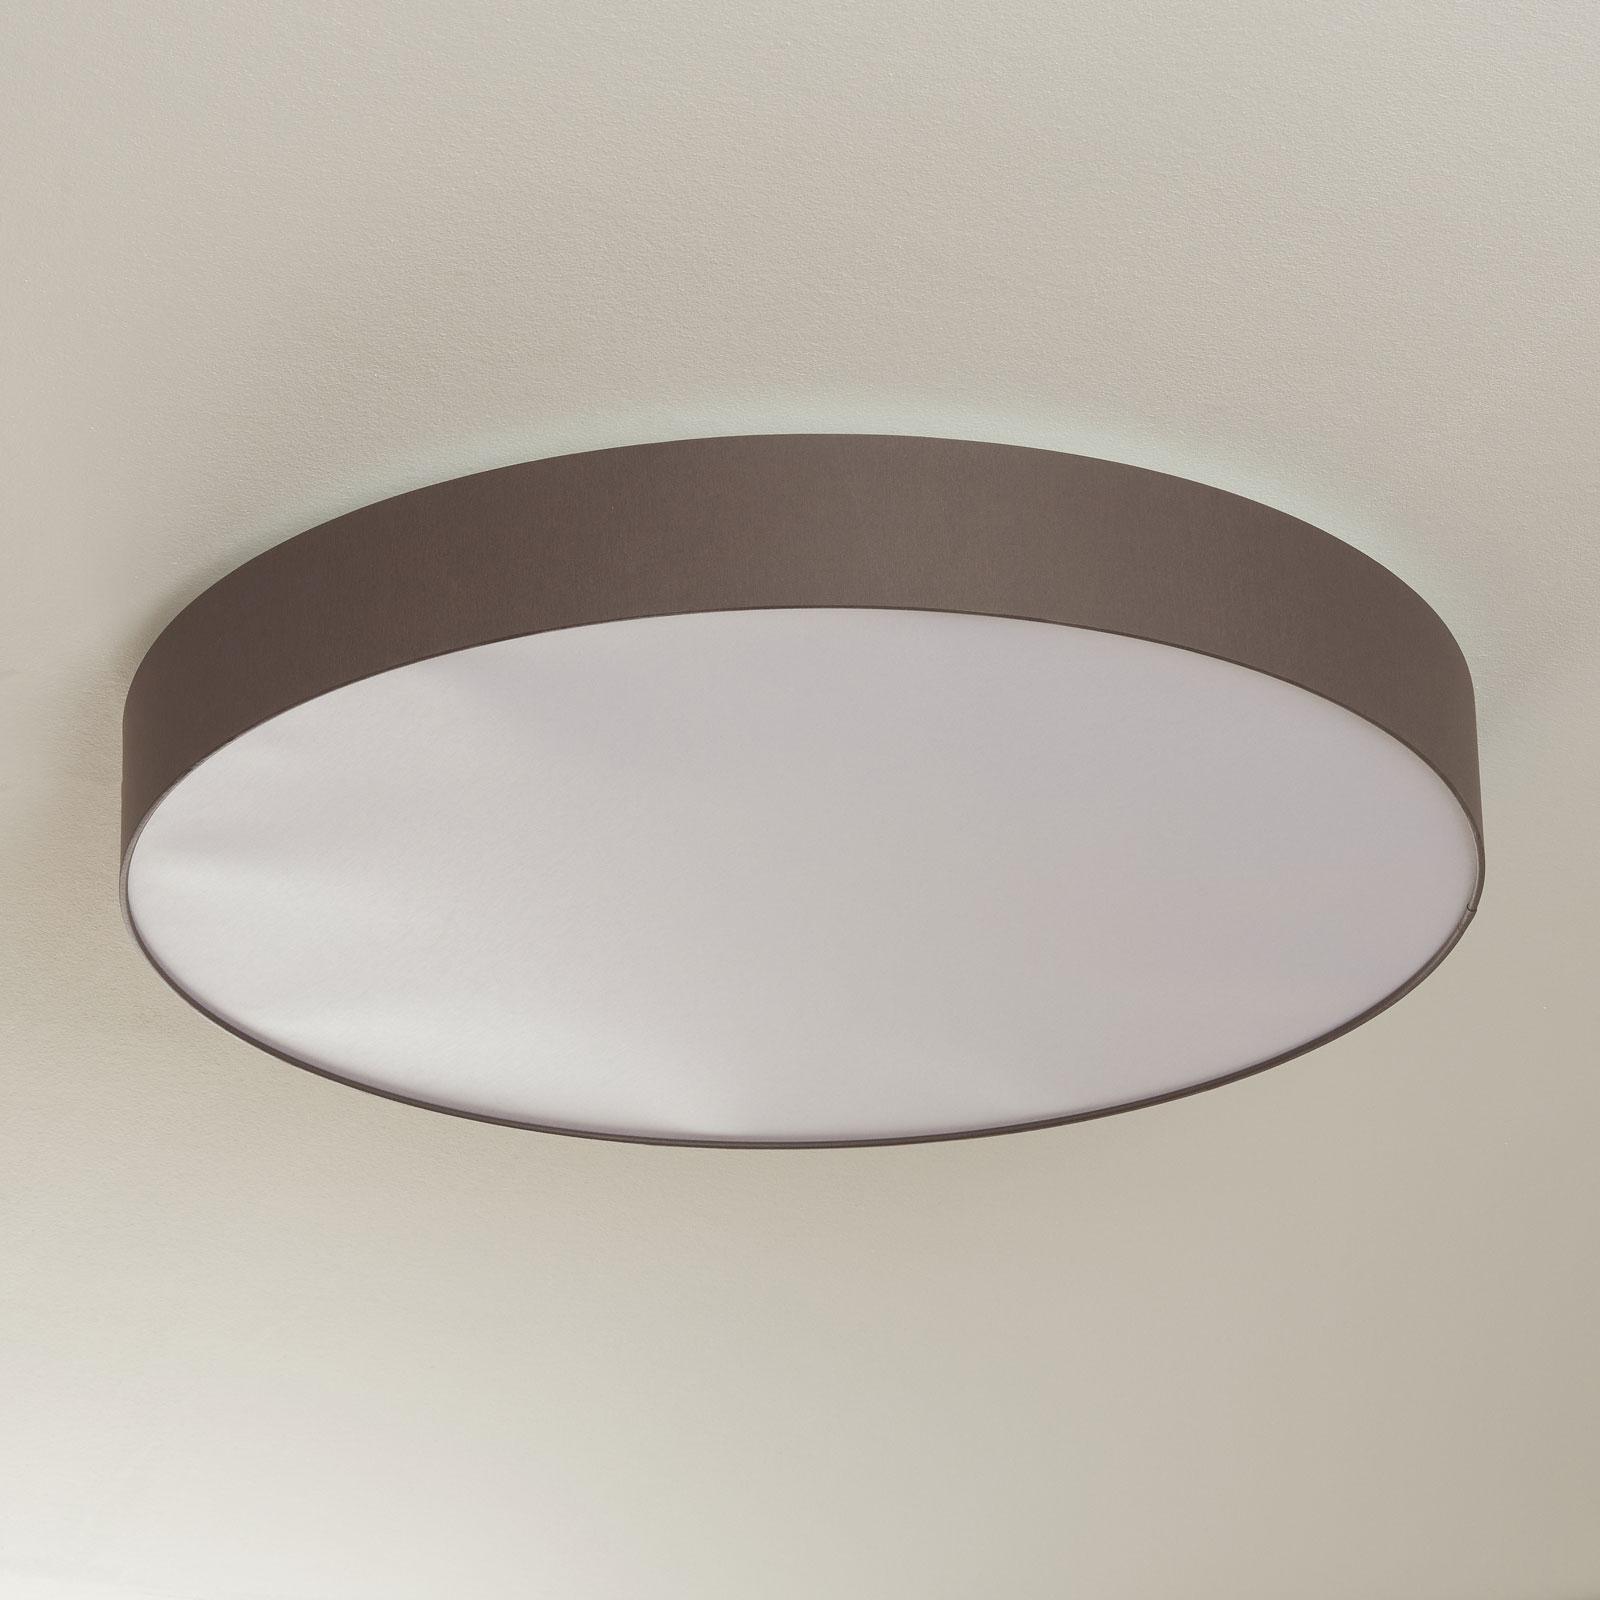 LED plafondlamp Luno met chintz lampenkap